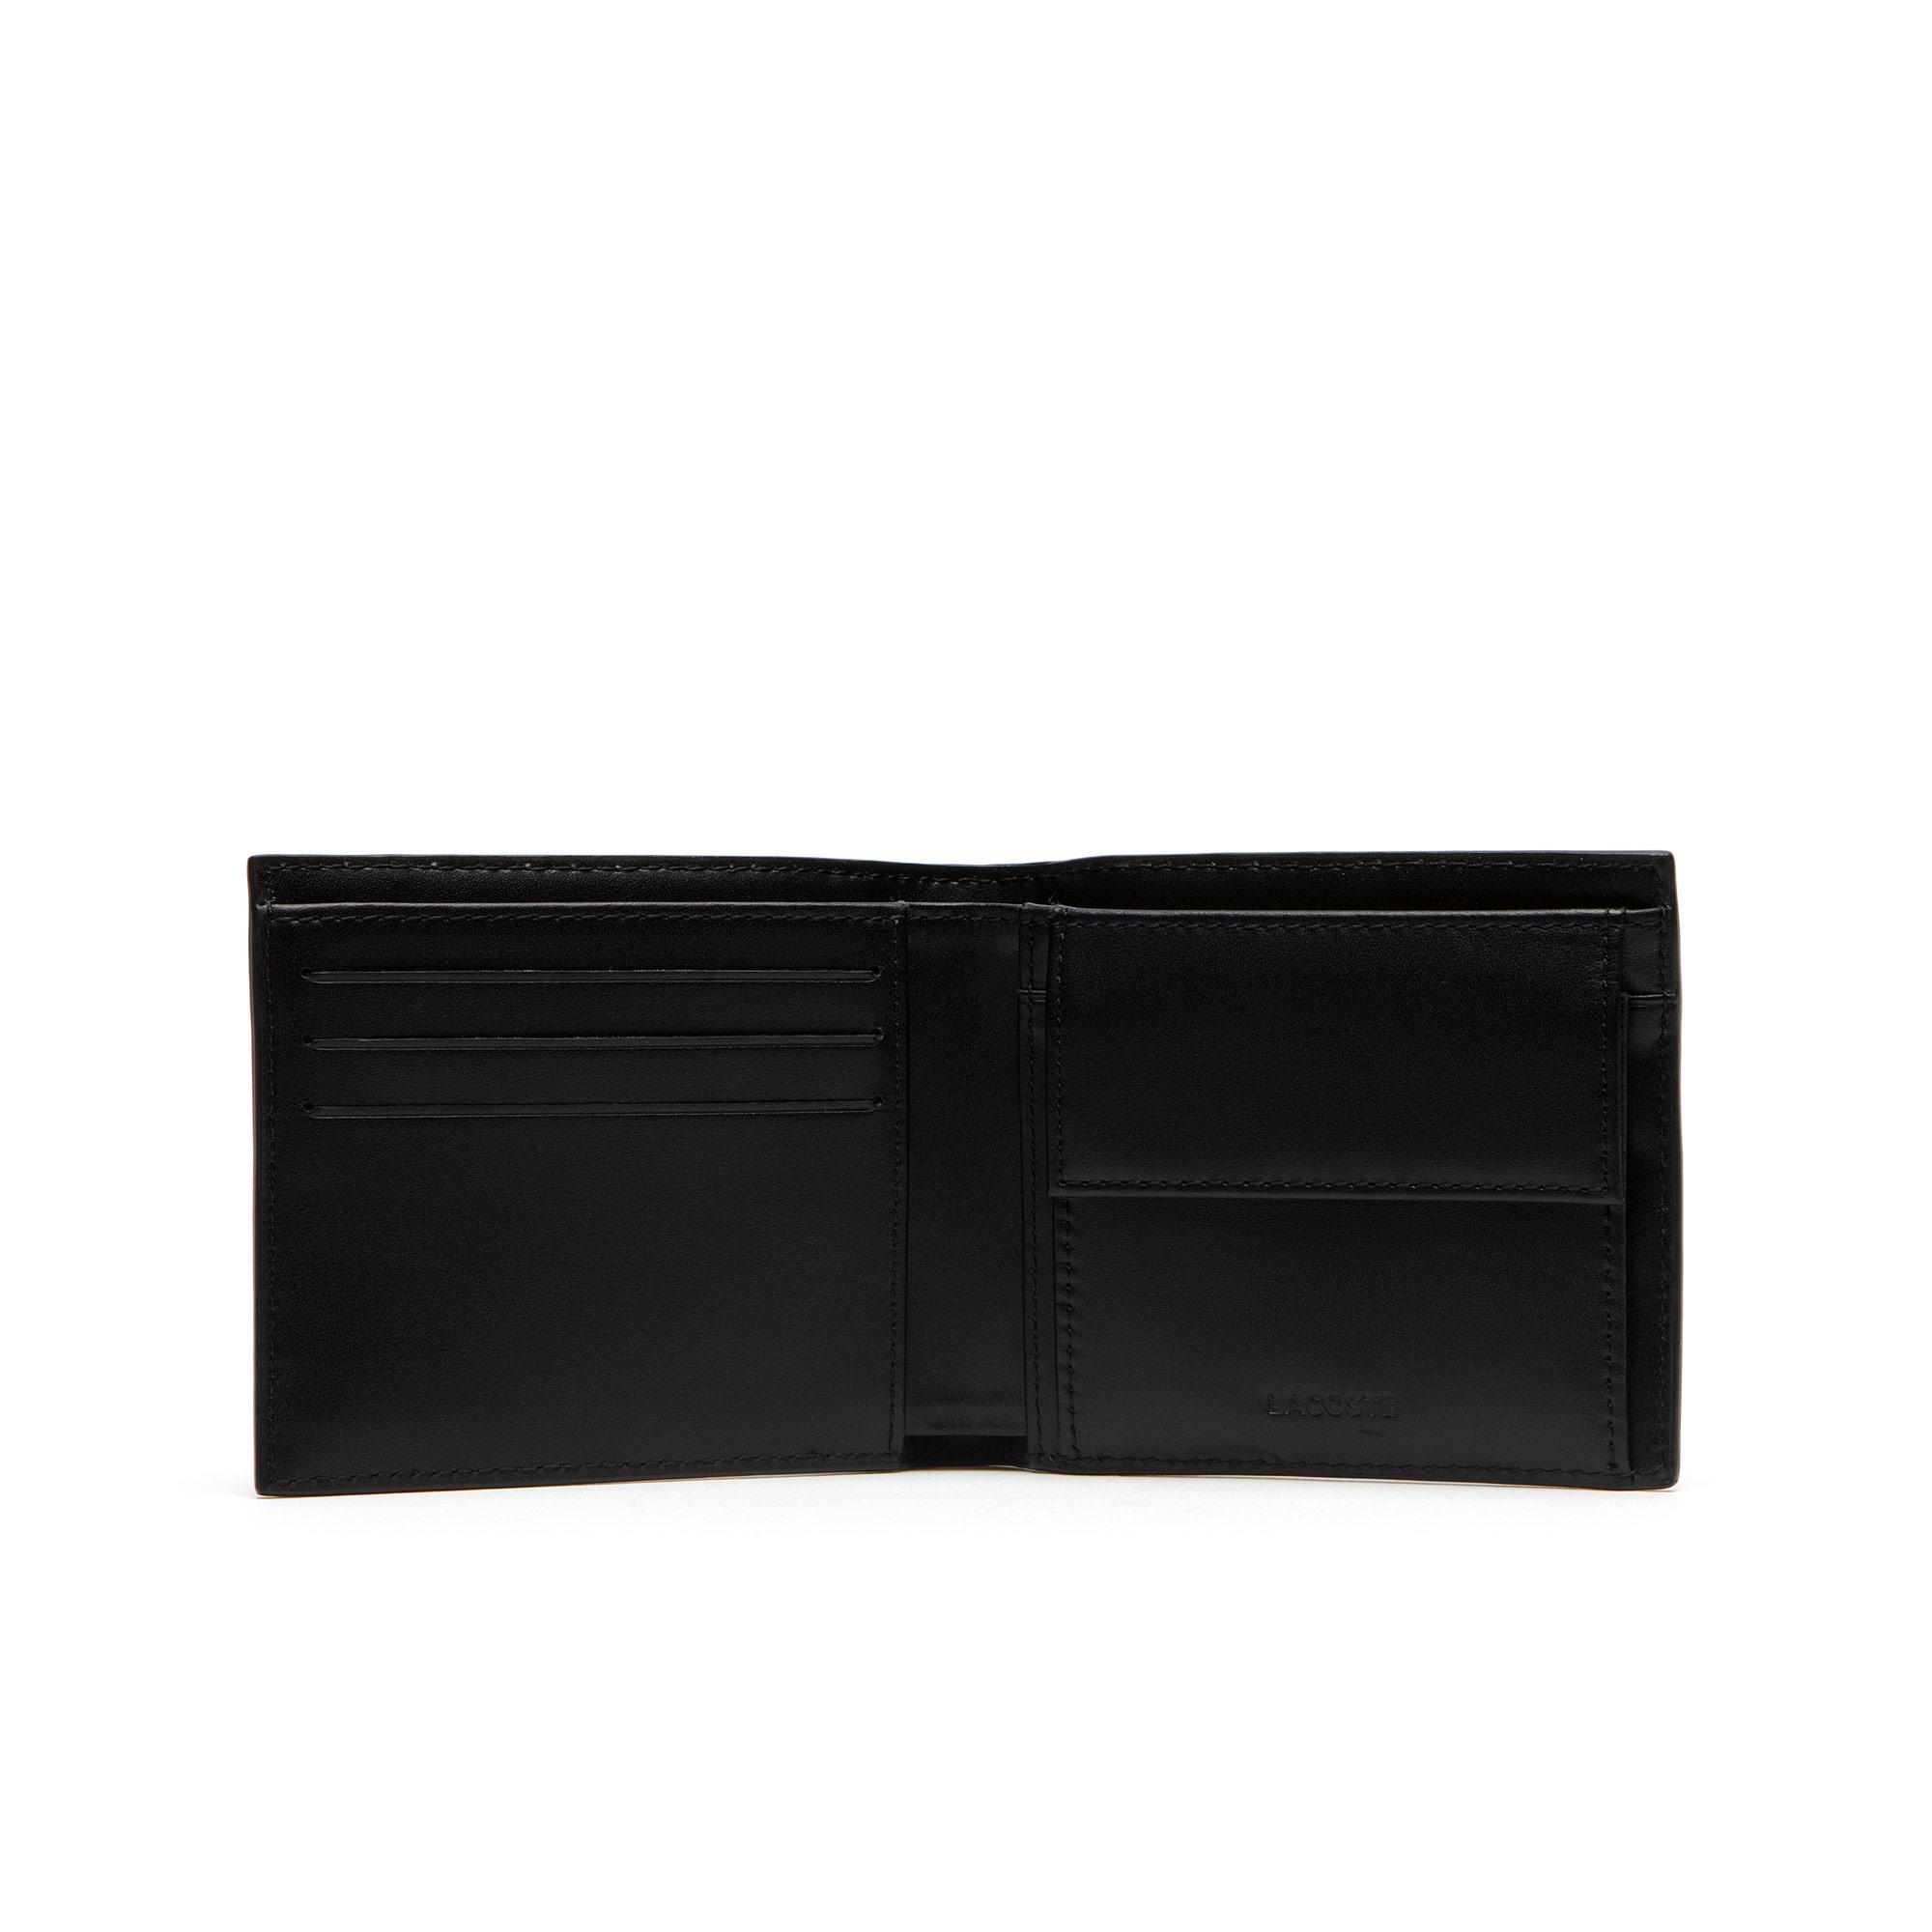 Lacoste Men's Fitzgerald Billfold İn Leather